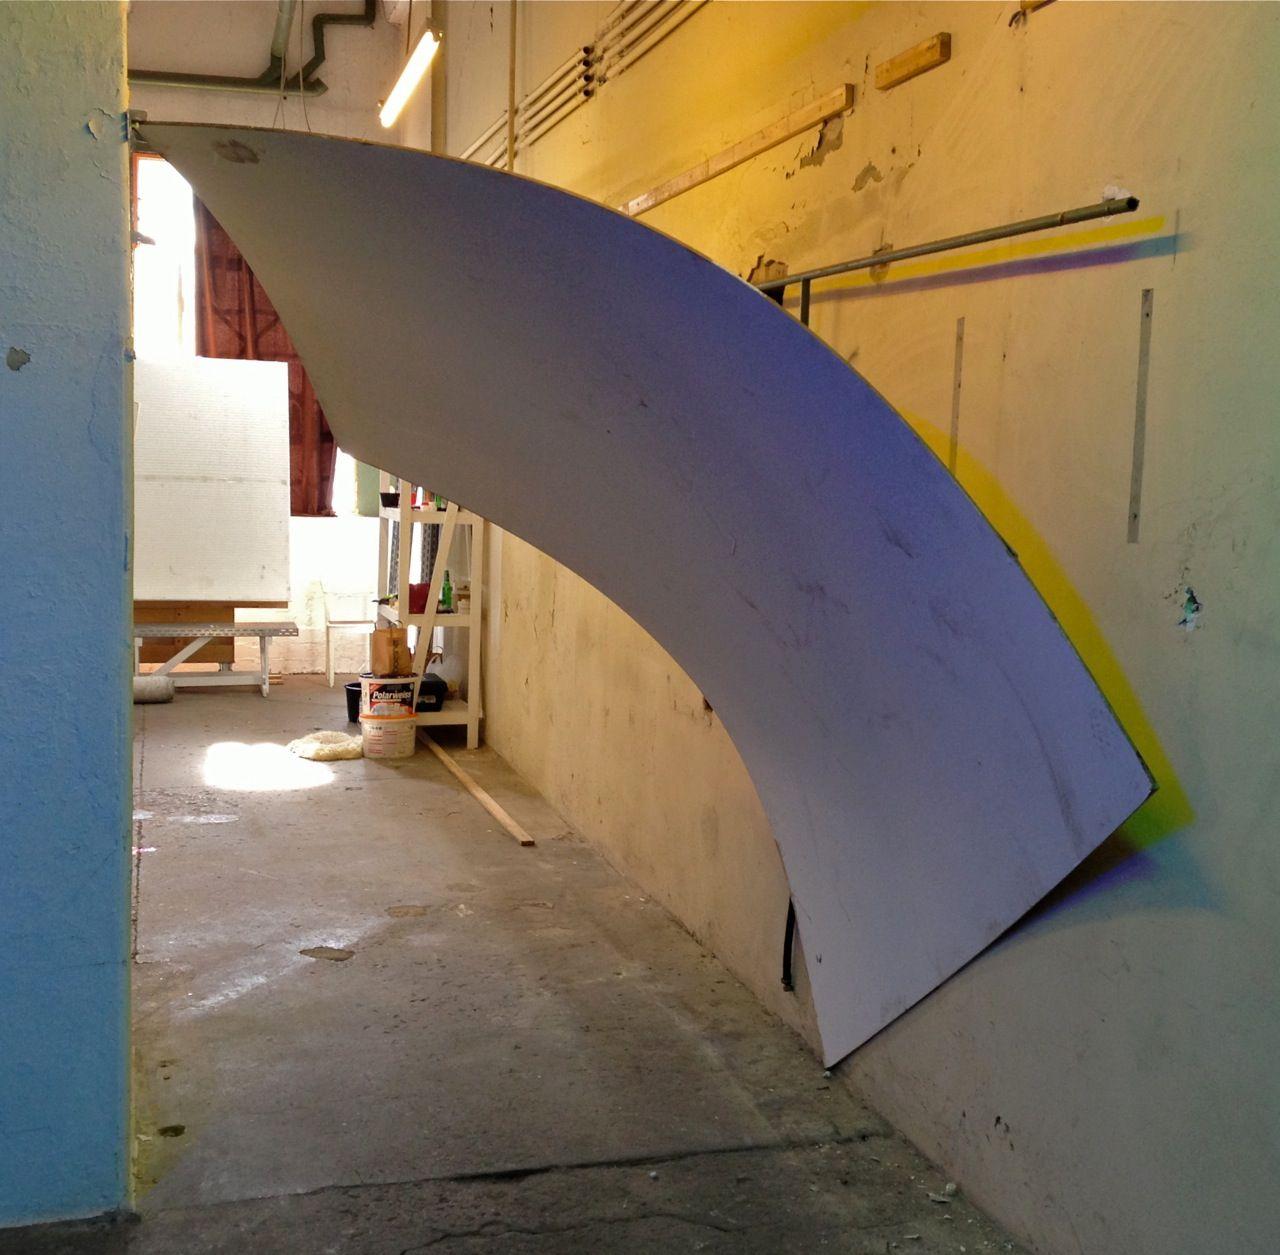 Installation von Magnus Hengge für Richard Serra und Alexander Calder